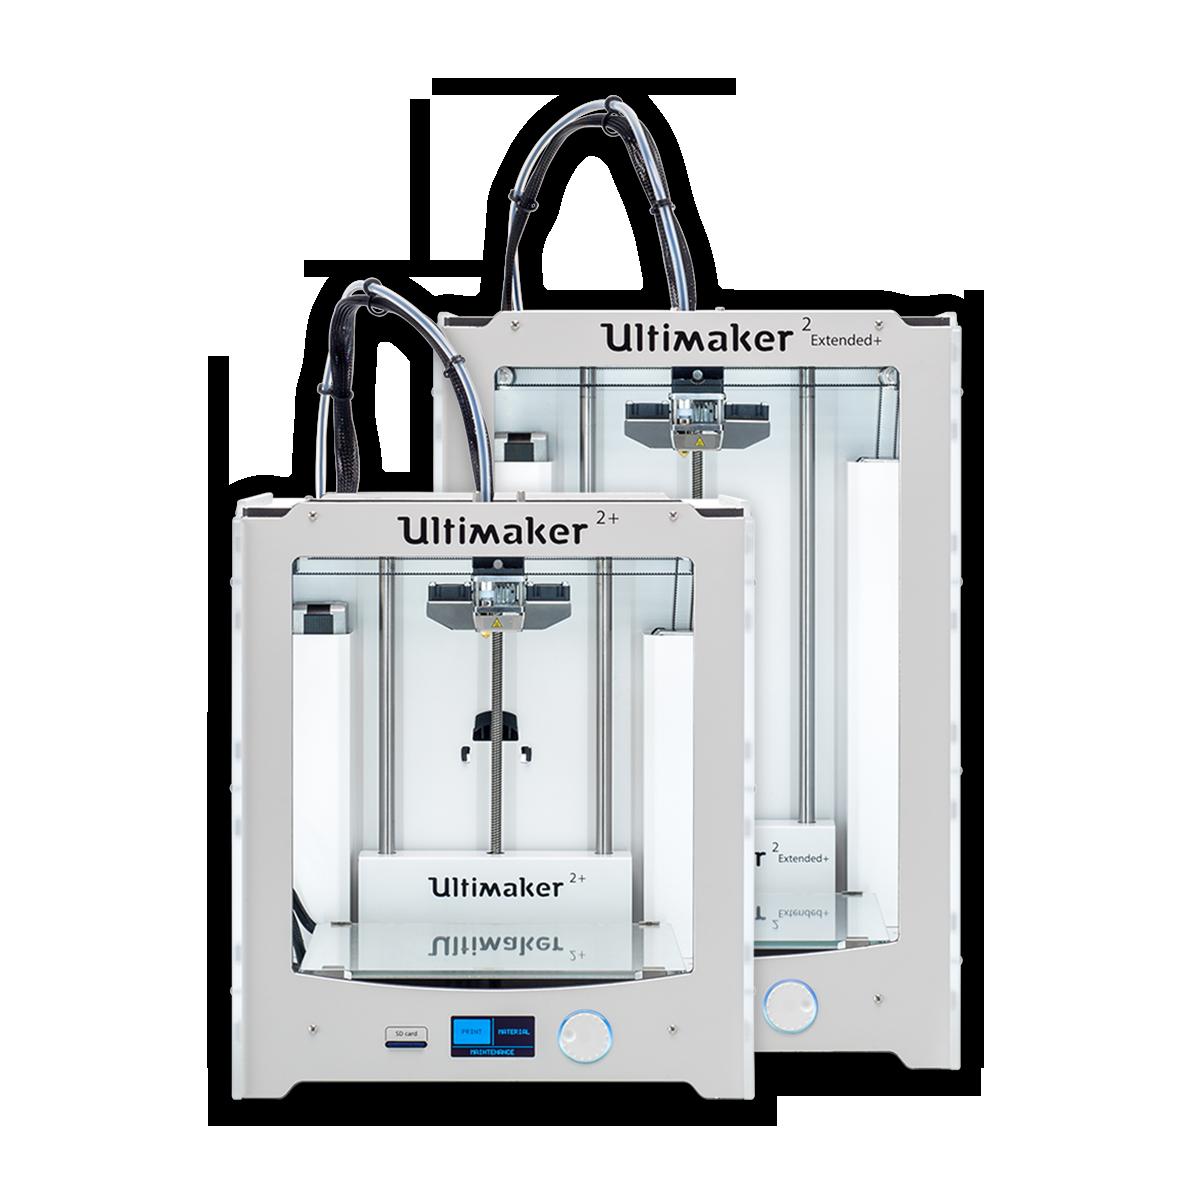 Ultimaker 2+ and Ultimaker 2 Extended+ desktop 3D printer hero